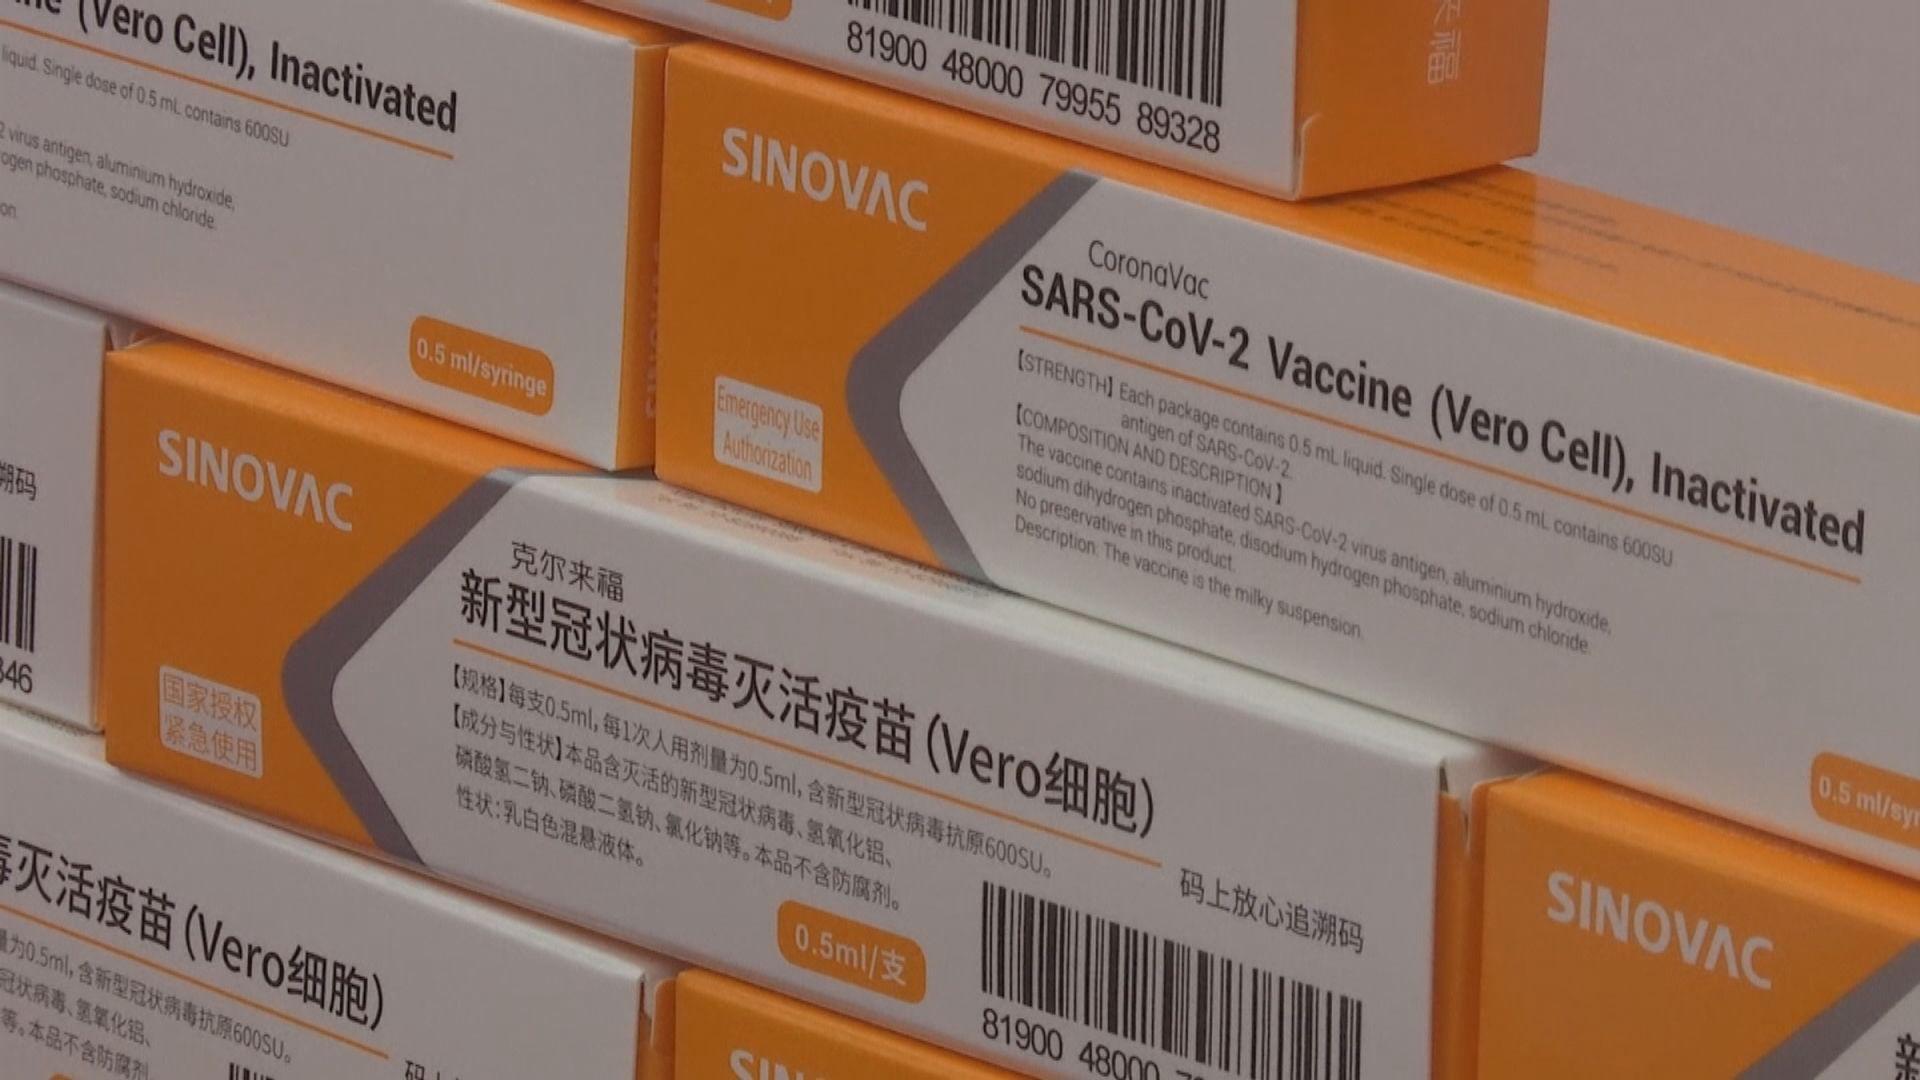 中國提供千萬劑疫苗予全球獲取機制 協助發展中國家